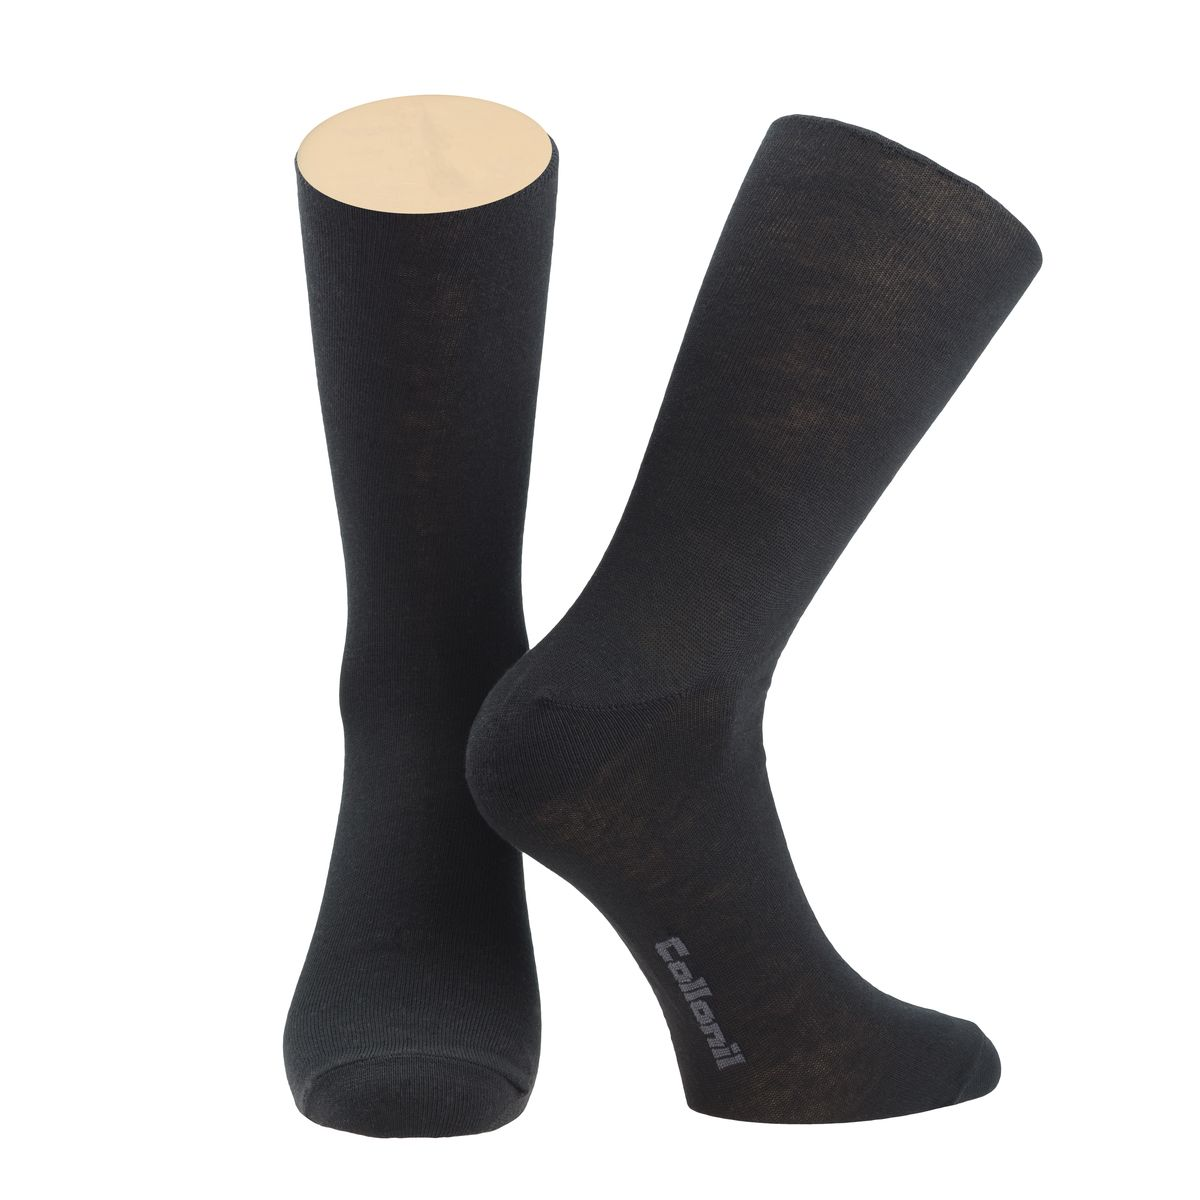 Носки мужские Collonil, цвет: черный, 2 пары. CE3-40/01. Размер 39-42CE3-40/01Мужские носки Collonil изготовлены из эластичного хлопка с добавлением полиамида.Удлиненная широкая резинка не сдавливает и комфортно облегает ногу.В комплекте 2 пары.